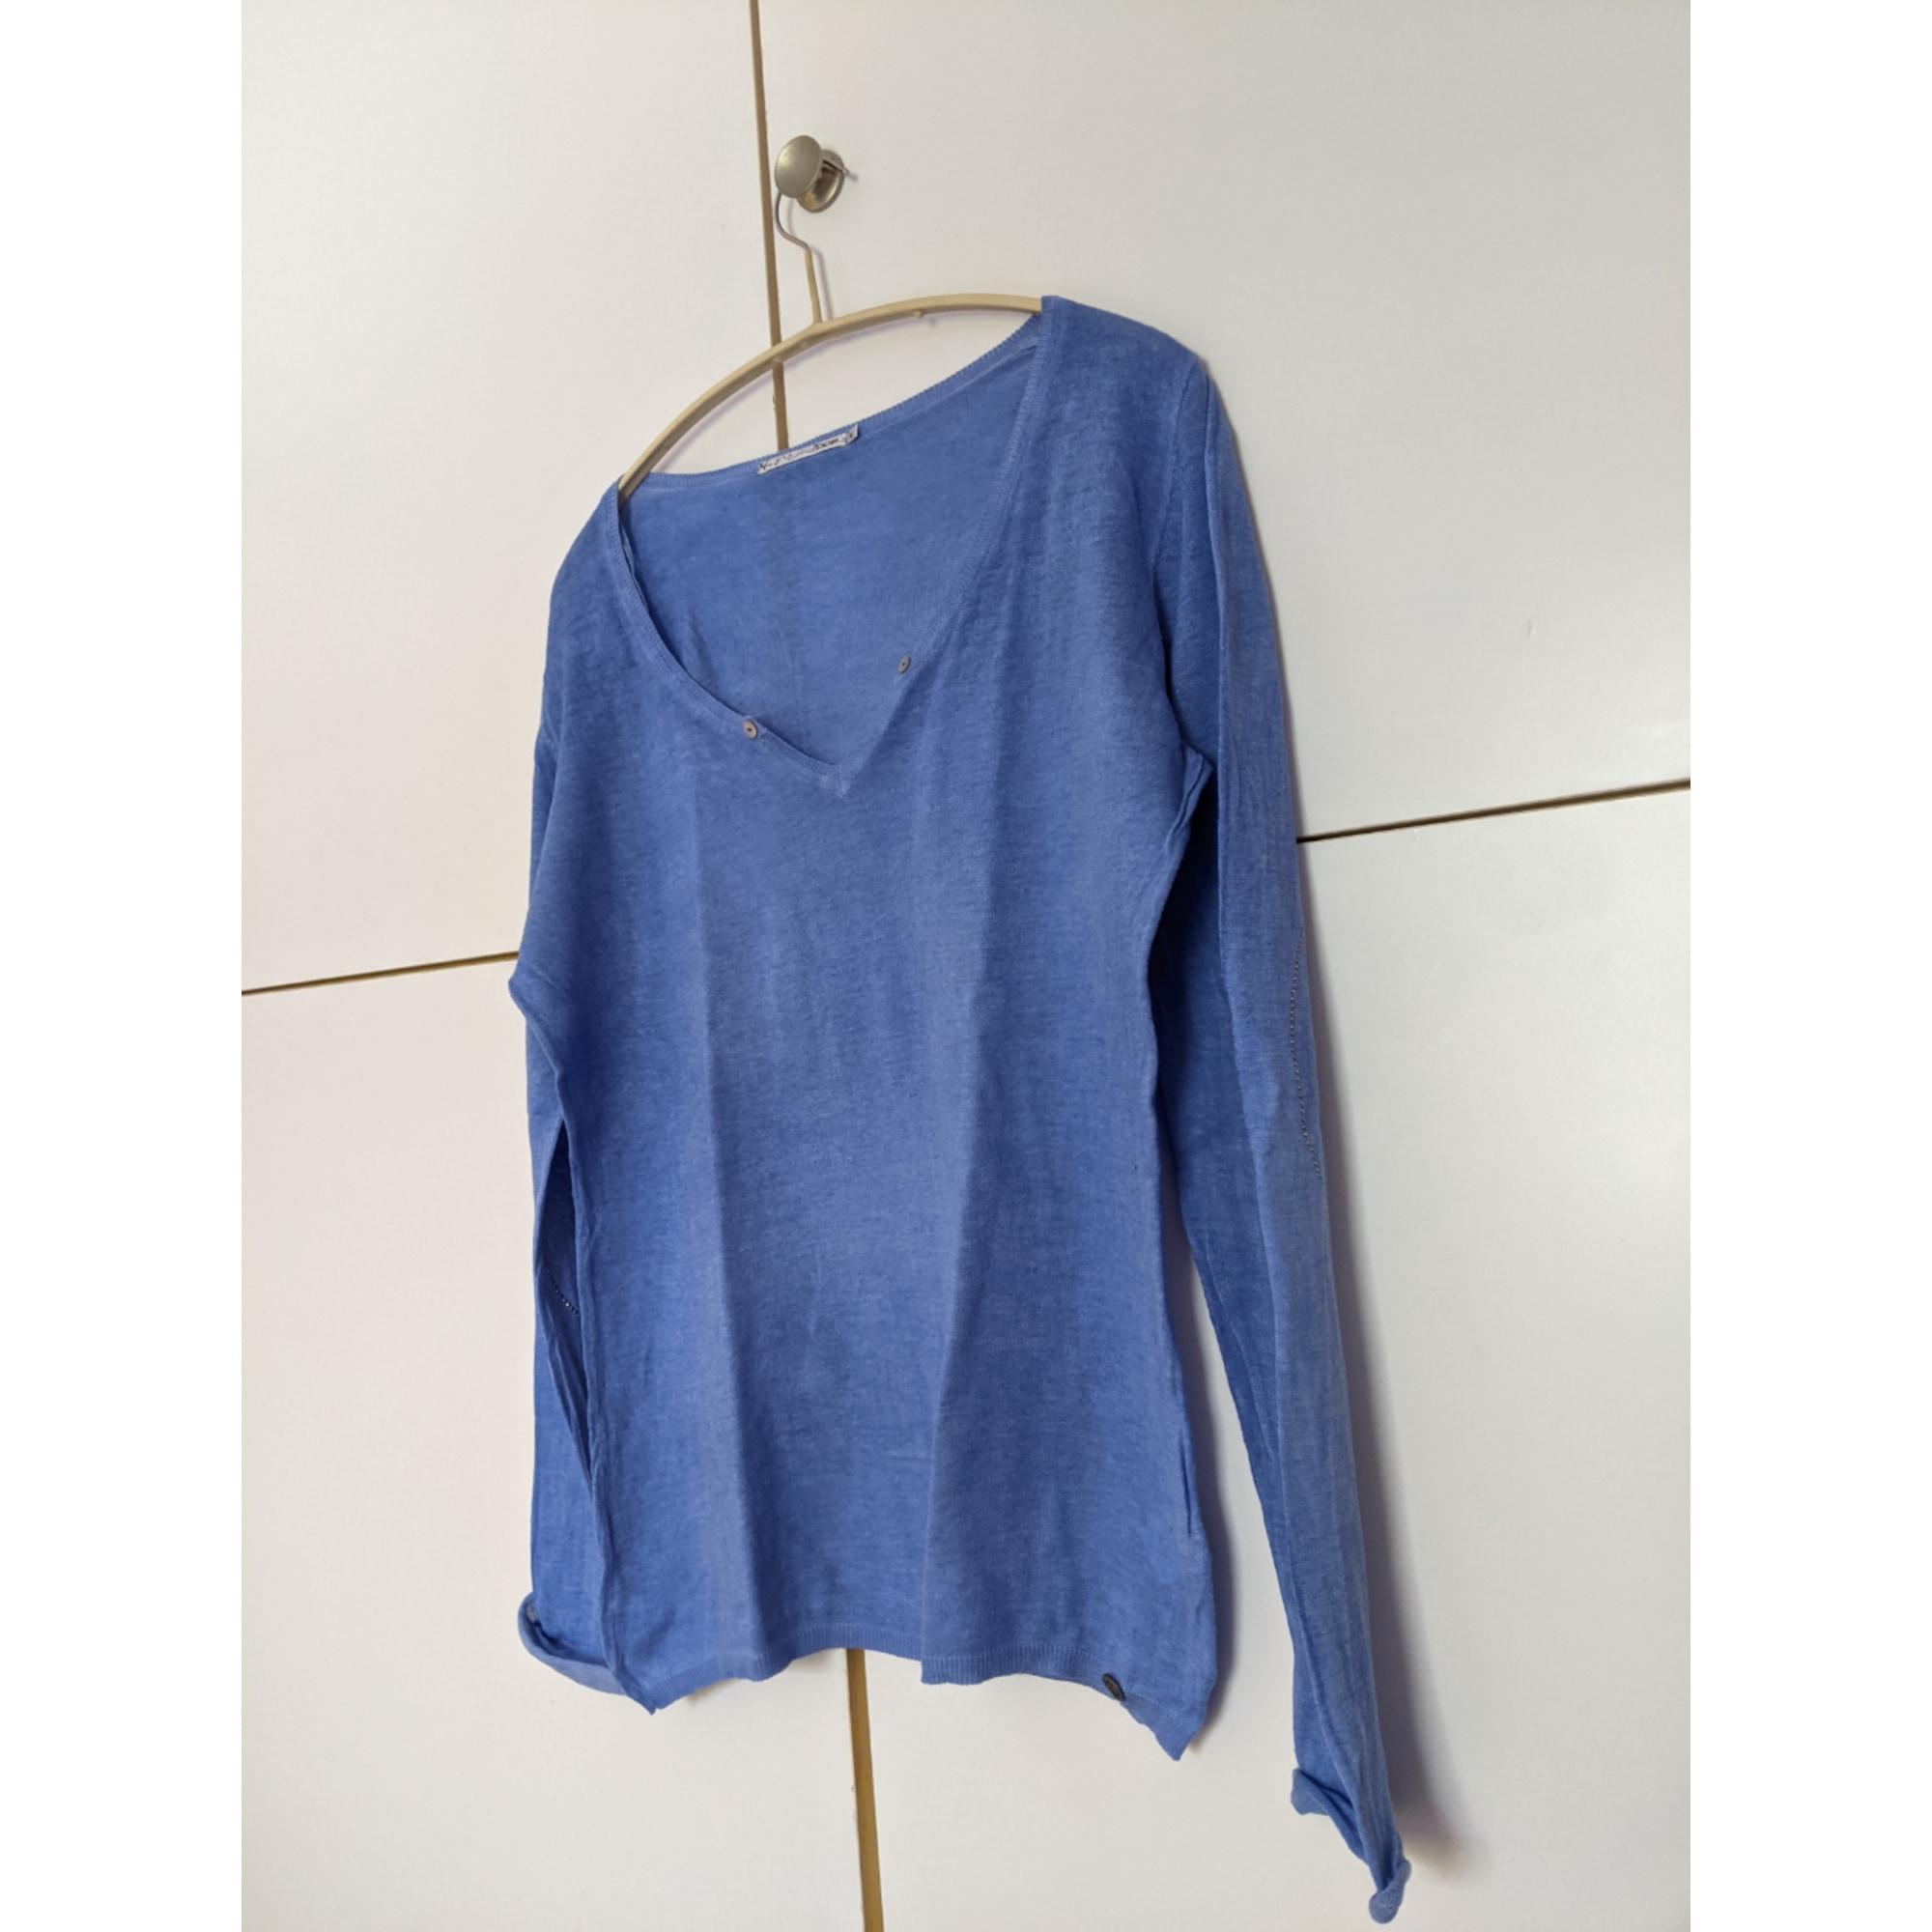 Top, tee-shirt DDP Bleu, bleu marine, bleu turquoise